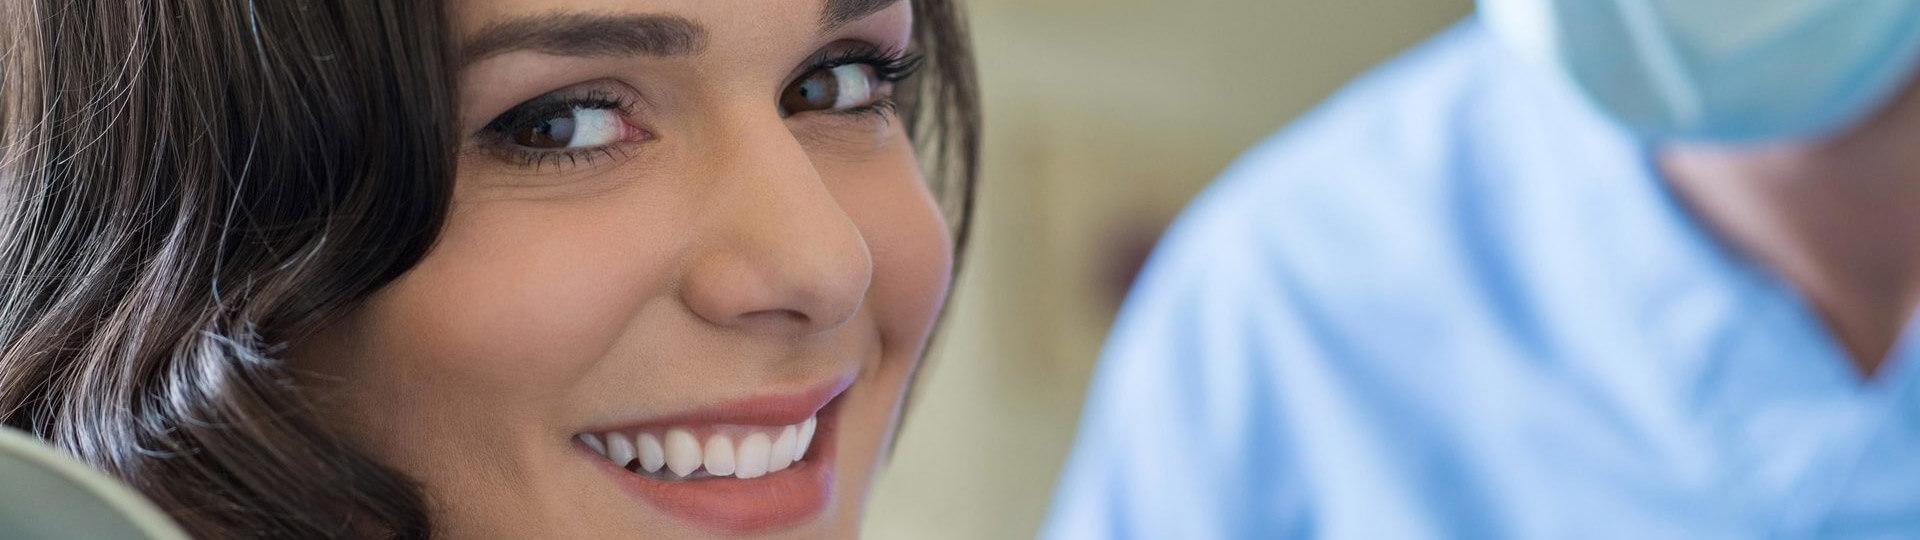 5 Reasons You May Need a Dental Filling